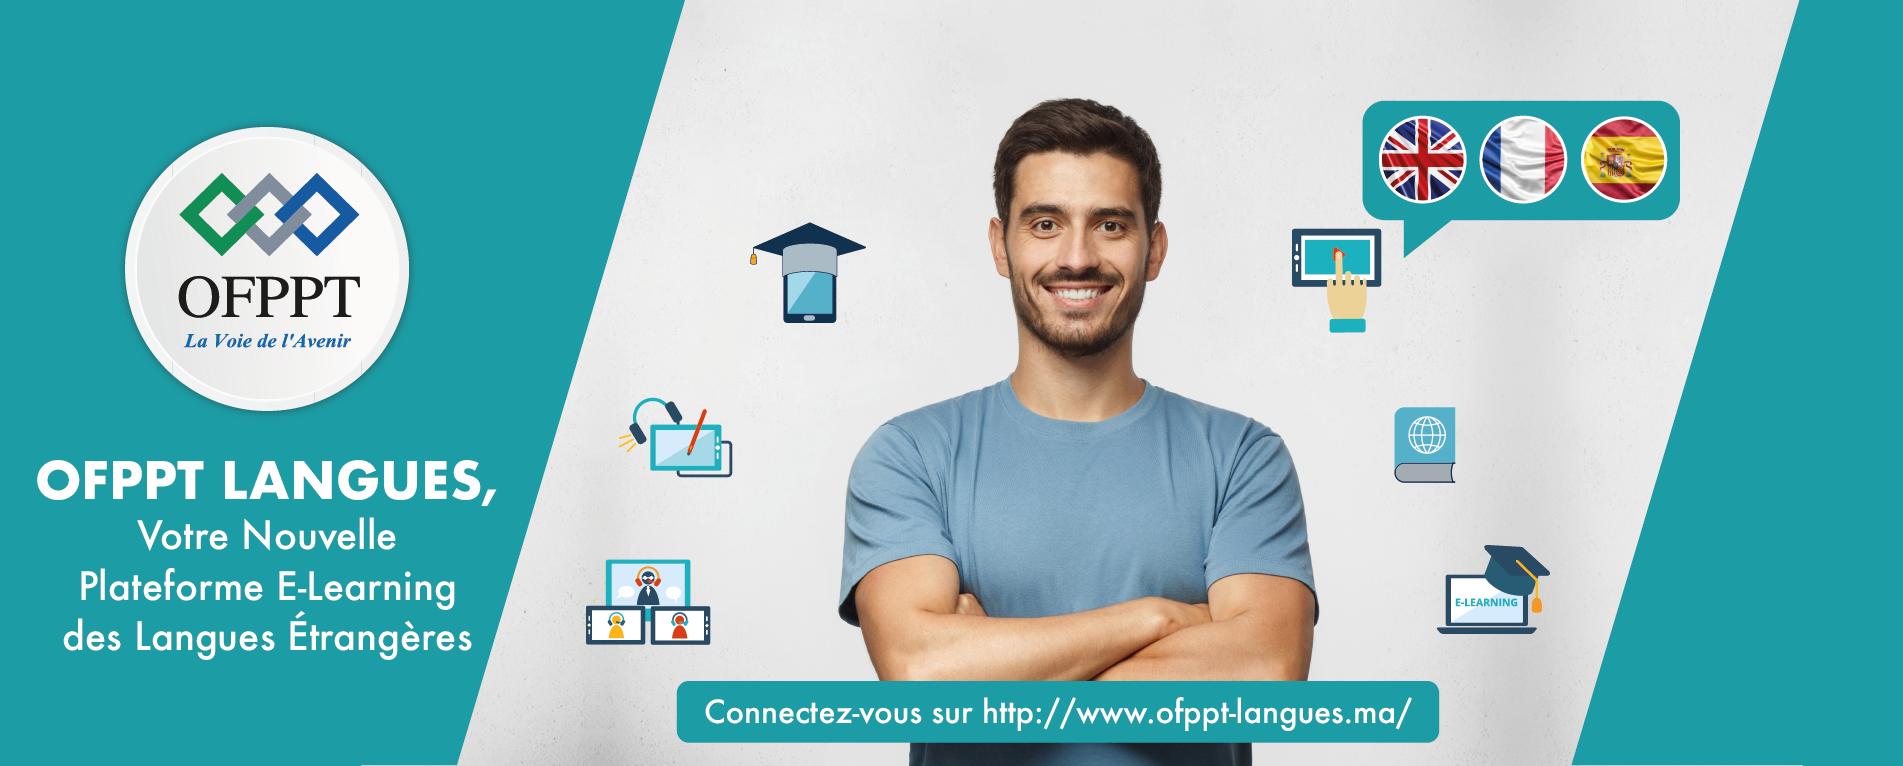 OFPPT LANGUES, votre nouvelle plateforme e-learning des langues étrangères